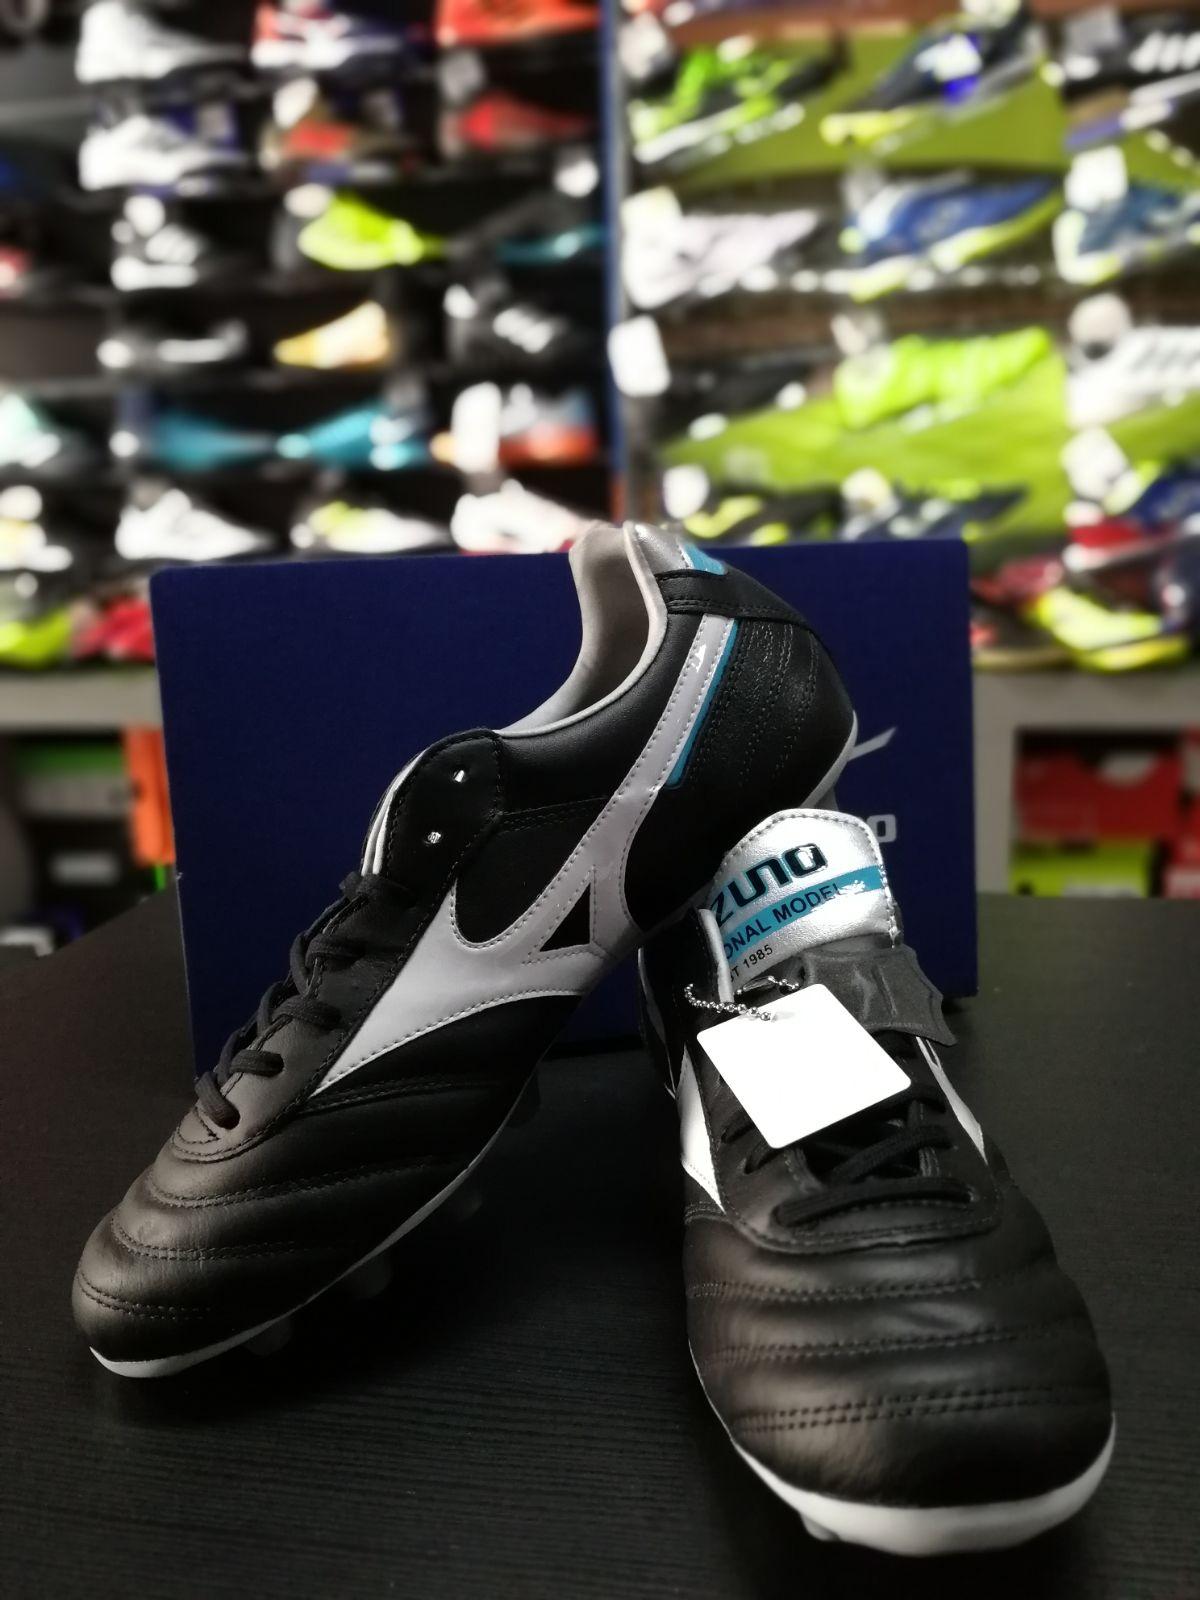 Football-shoes-Mizuno-Scarpe-Calcio-Morelia-II-MD-FG-Nero-2018-Pelle-di-cangur miniatura 9